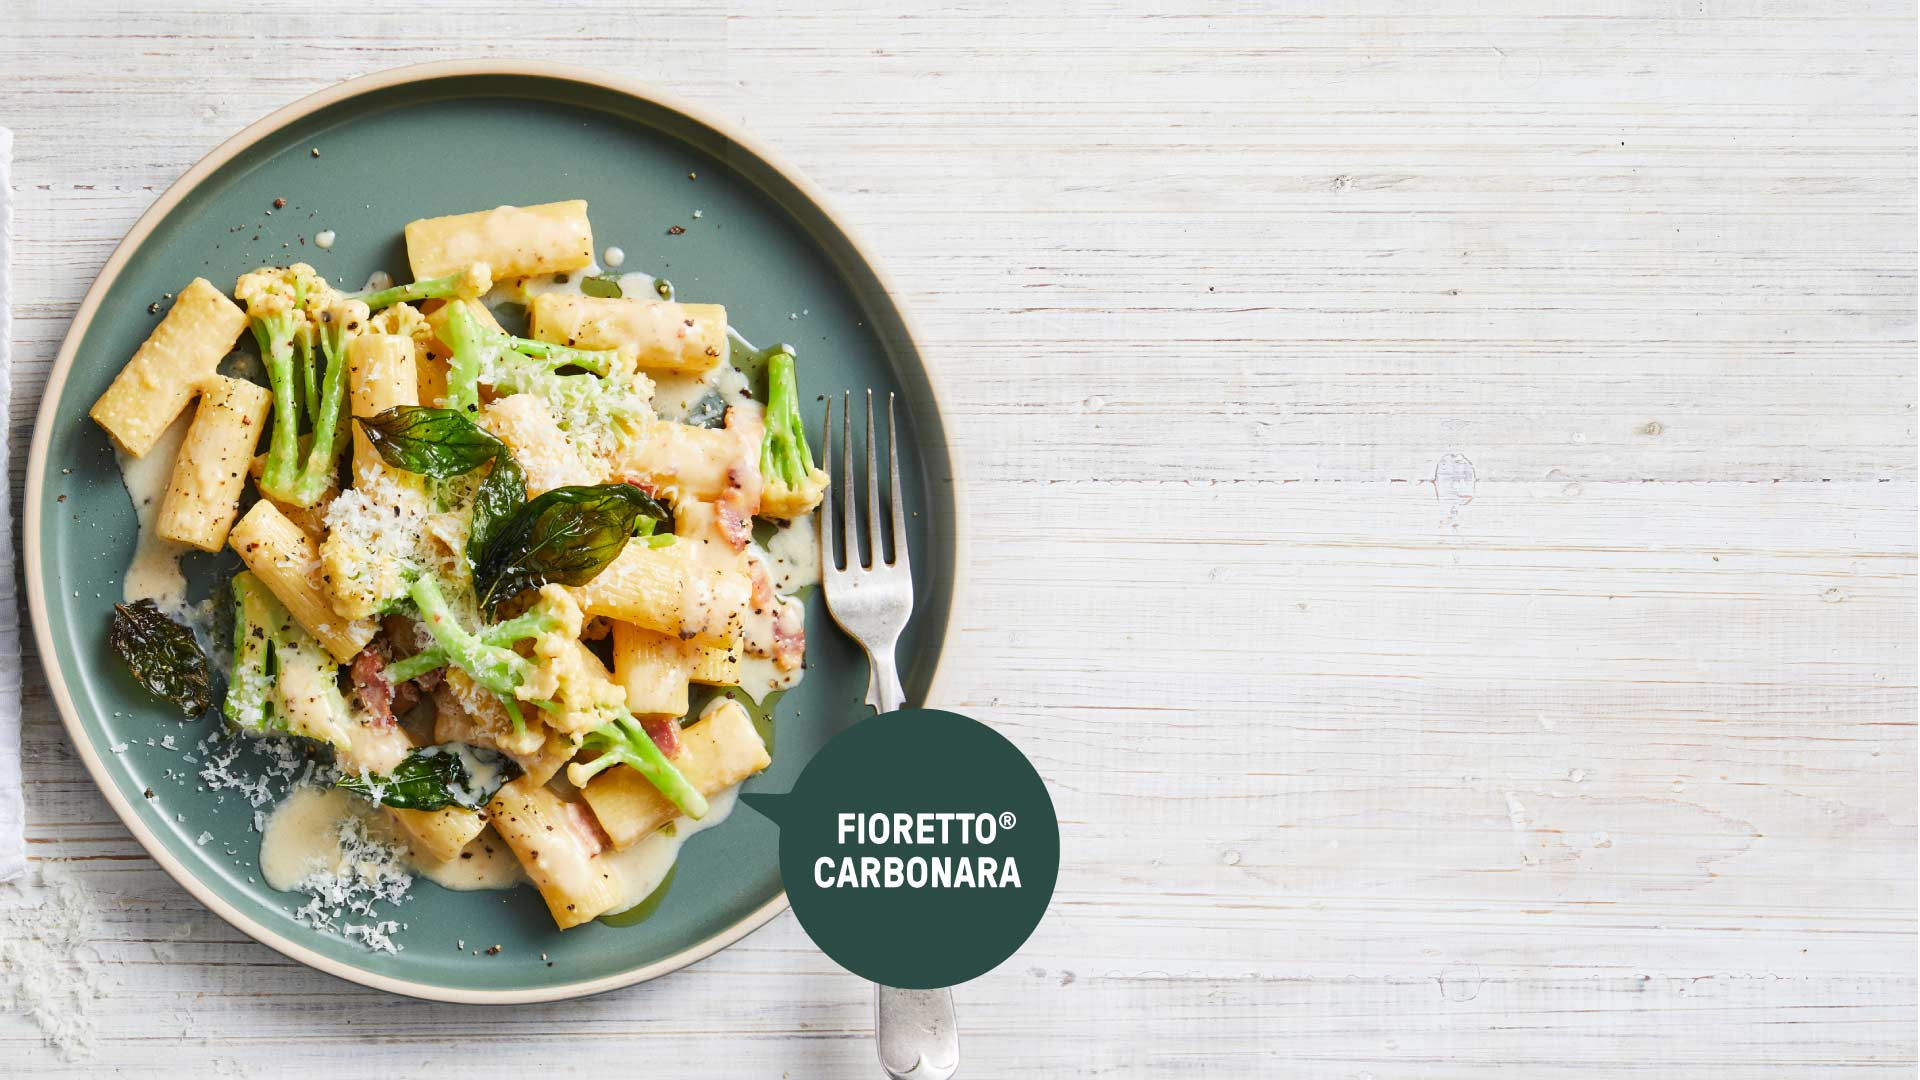 Try Our Fioretto Carbonara Recipe